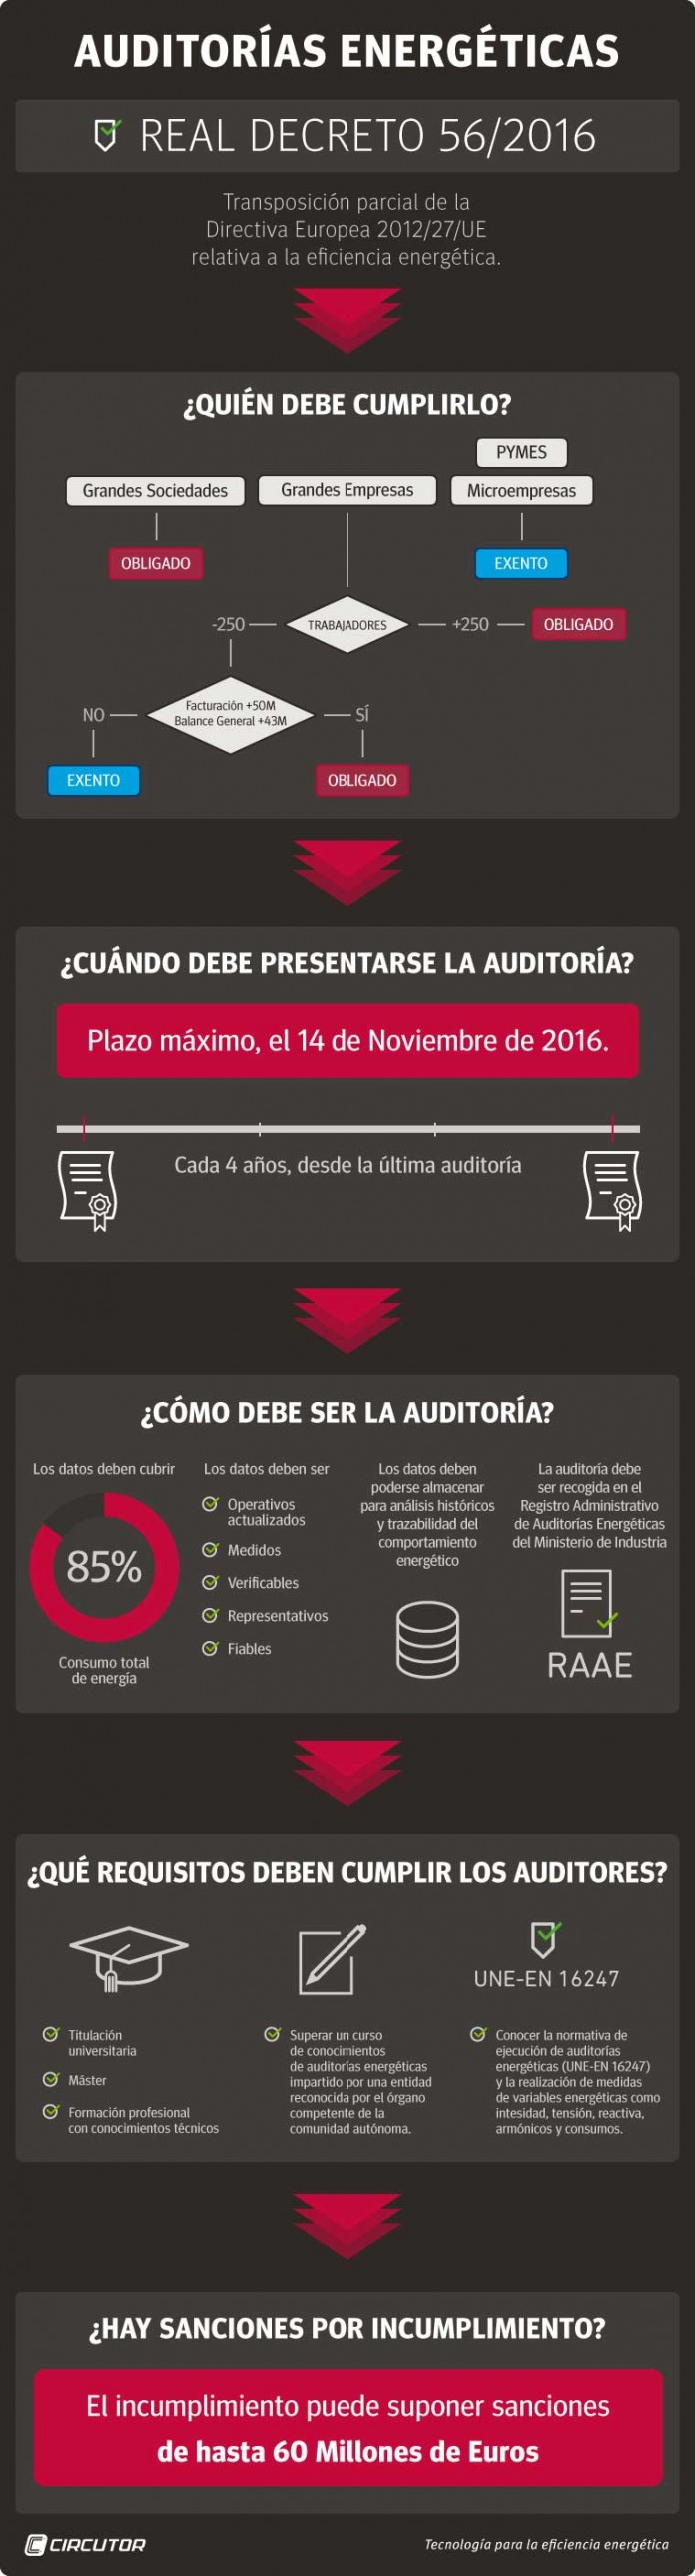 infografía para el técnico auditor